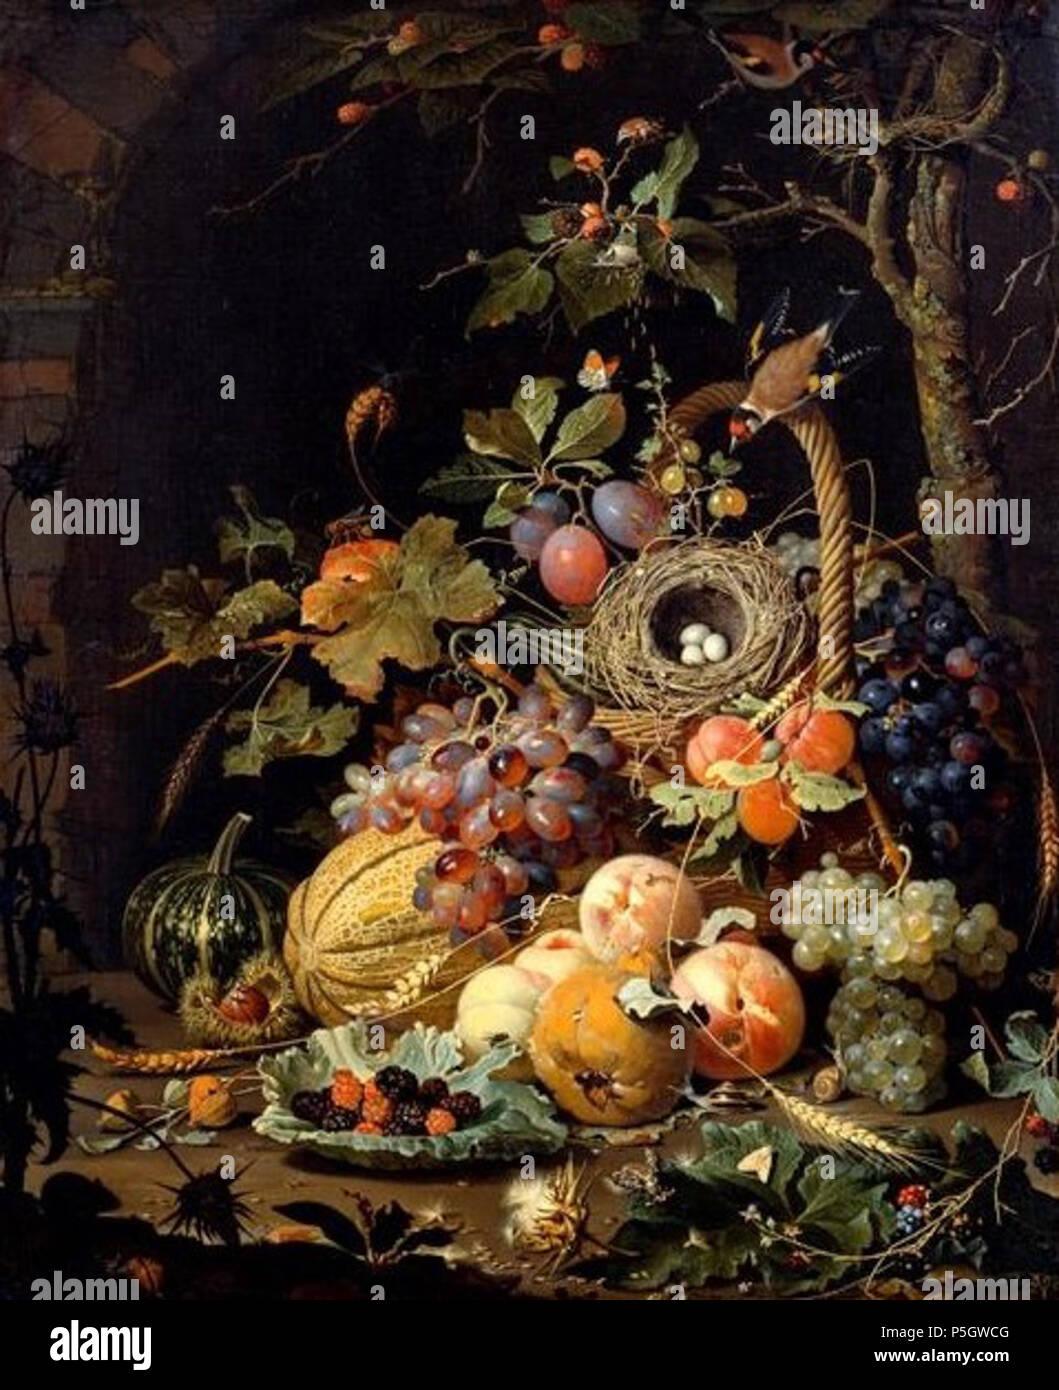 Ein Vogelnest mit Fruchtkorb .  Deutsch: Arrangement von sommerlichen Früchten und Tieren vor einer Mauernische mit Kleingetier, wie Insekten u.a. . circa 1672. N/A 50 A.Mignon-Vogelnest Stock Photo